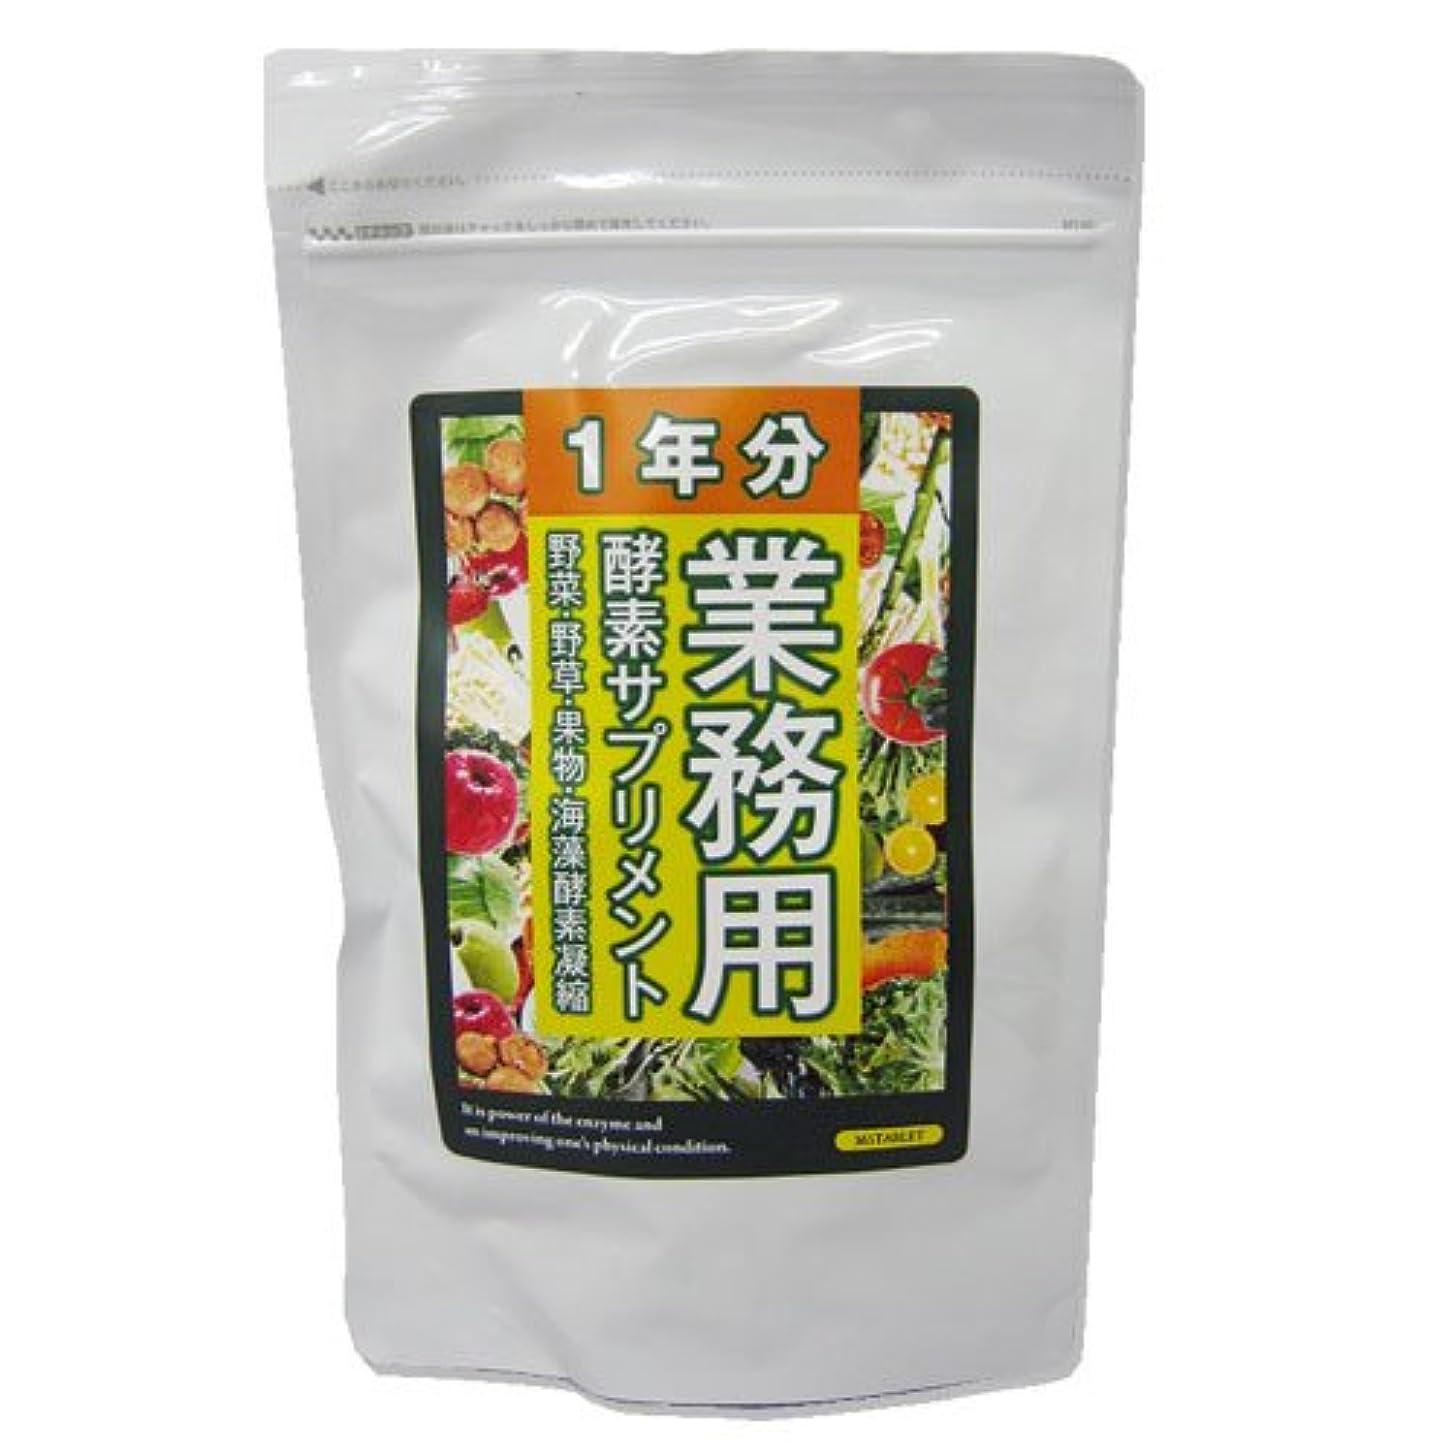 咲く忌み嫌う月業務用酵素サプリメント1年分 大容量365粒